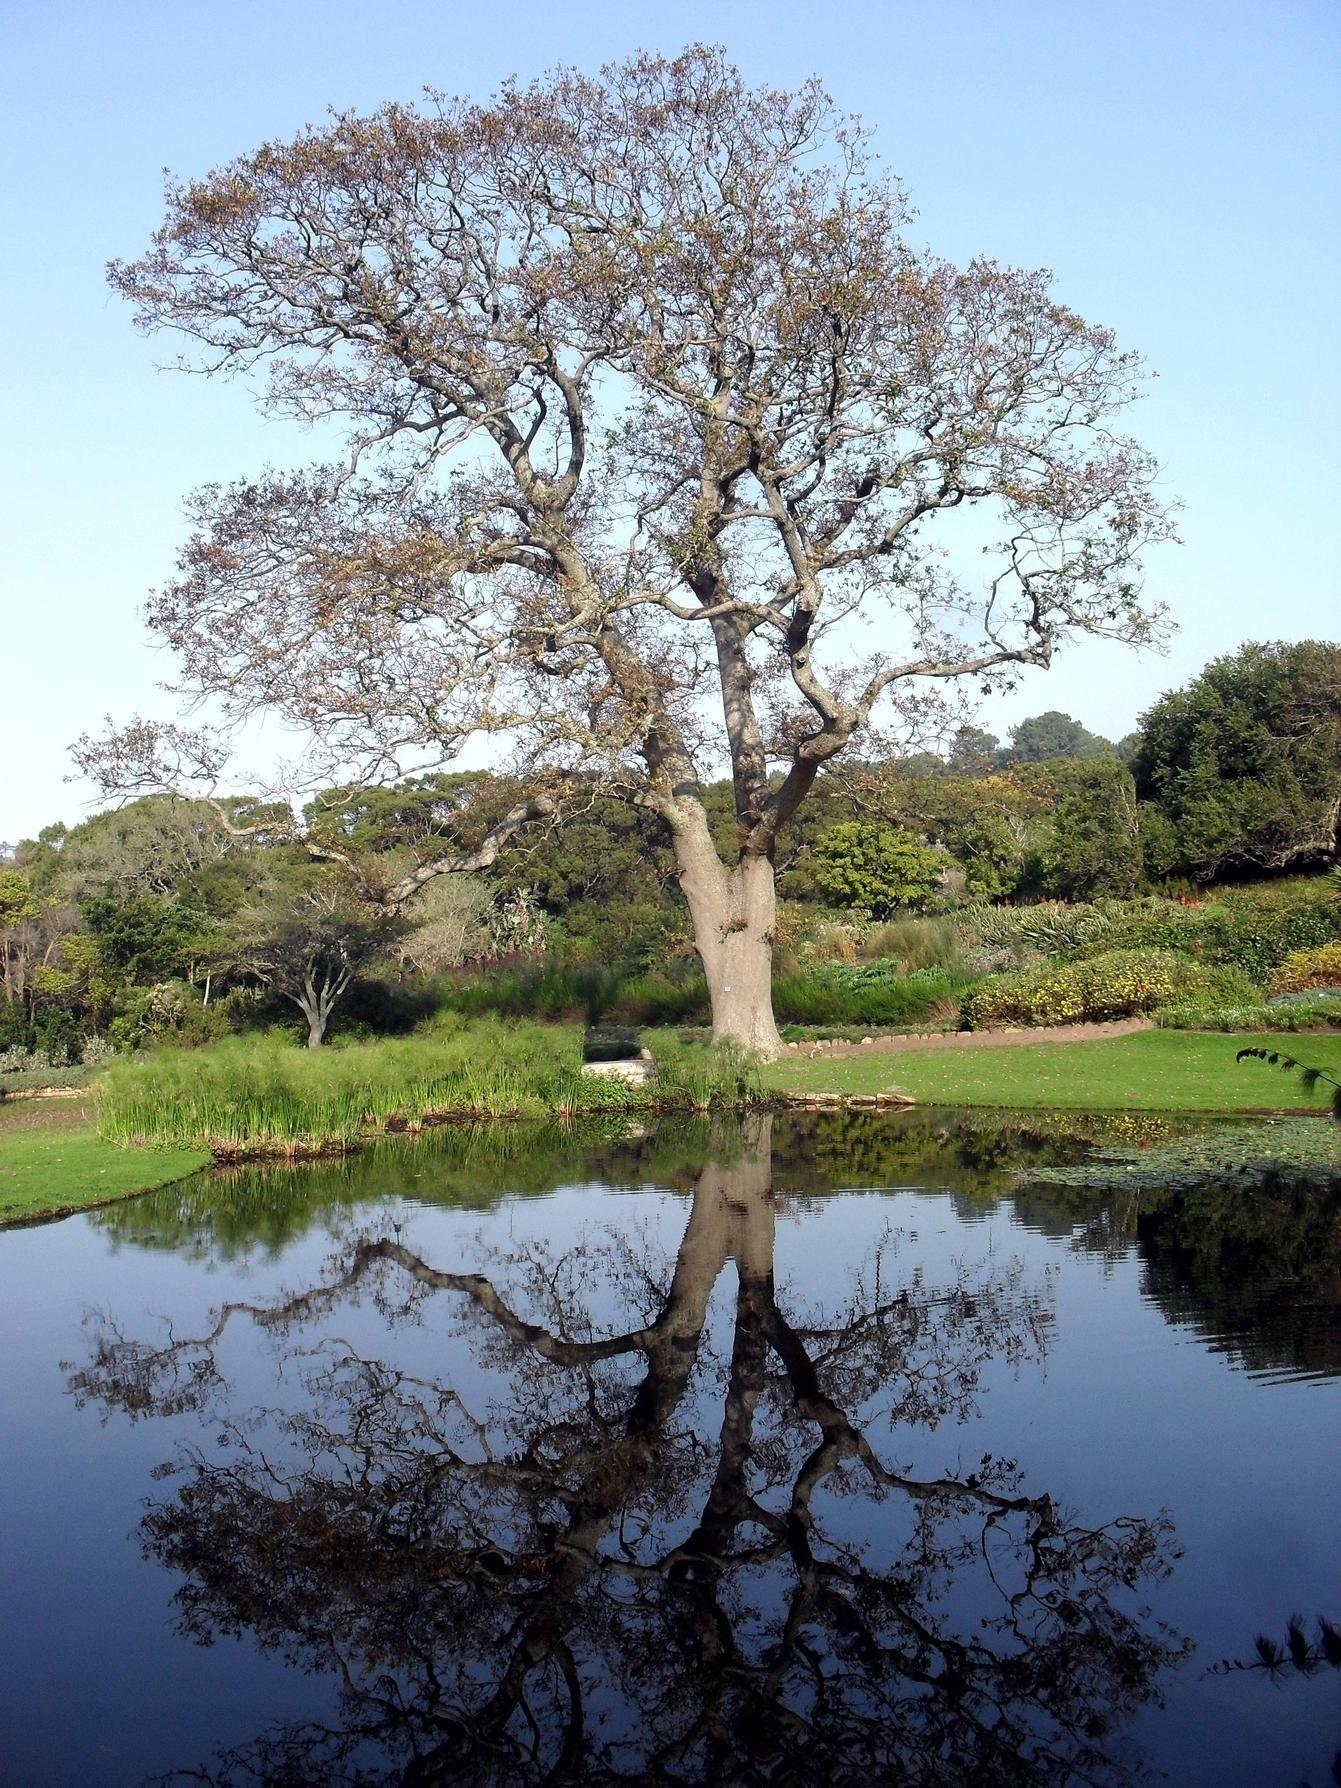 Capetonian Reflection